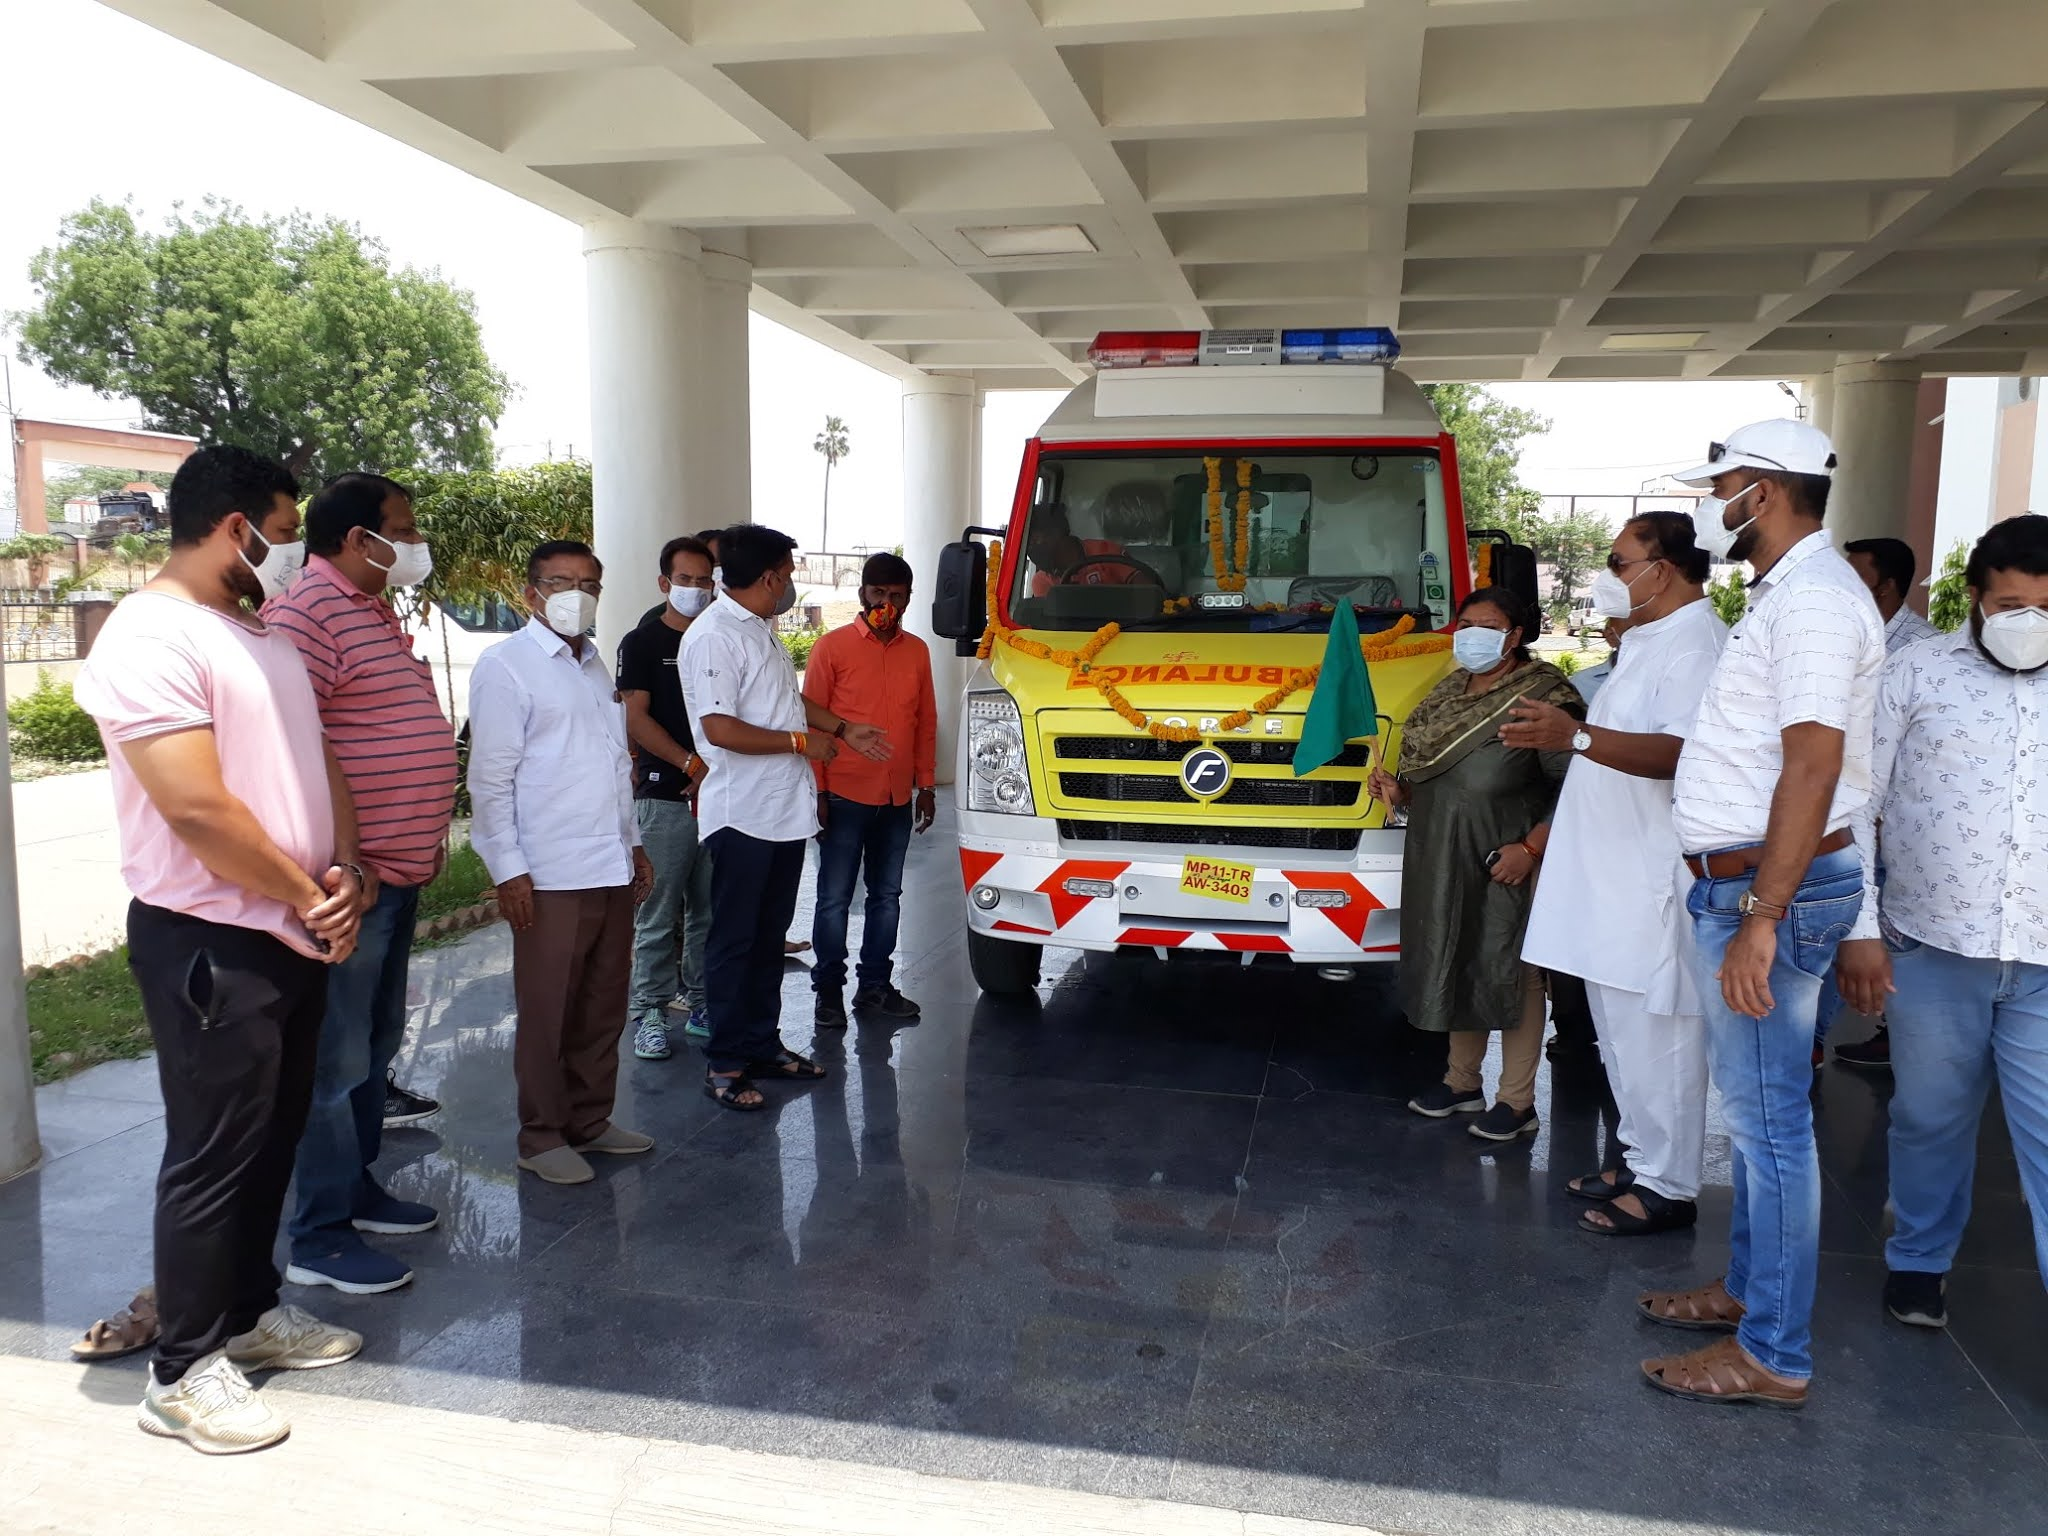 Alirajpur News- समाजसेवी दीपक चौहान ने सर्वसुविधायुक्त एम्बुलेन्स जोबट शासकीय अस्पताल को प्रदान की